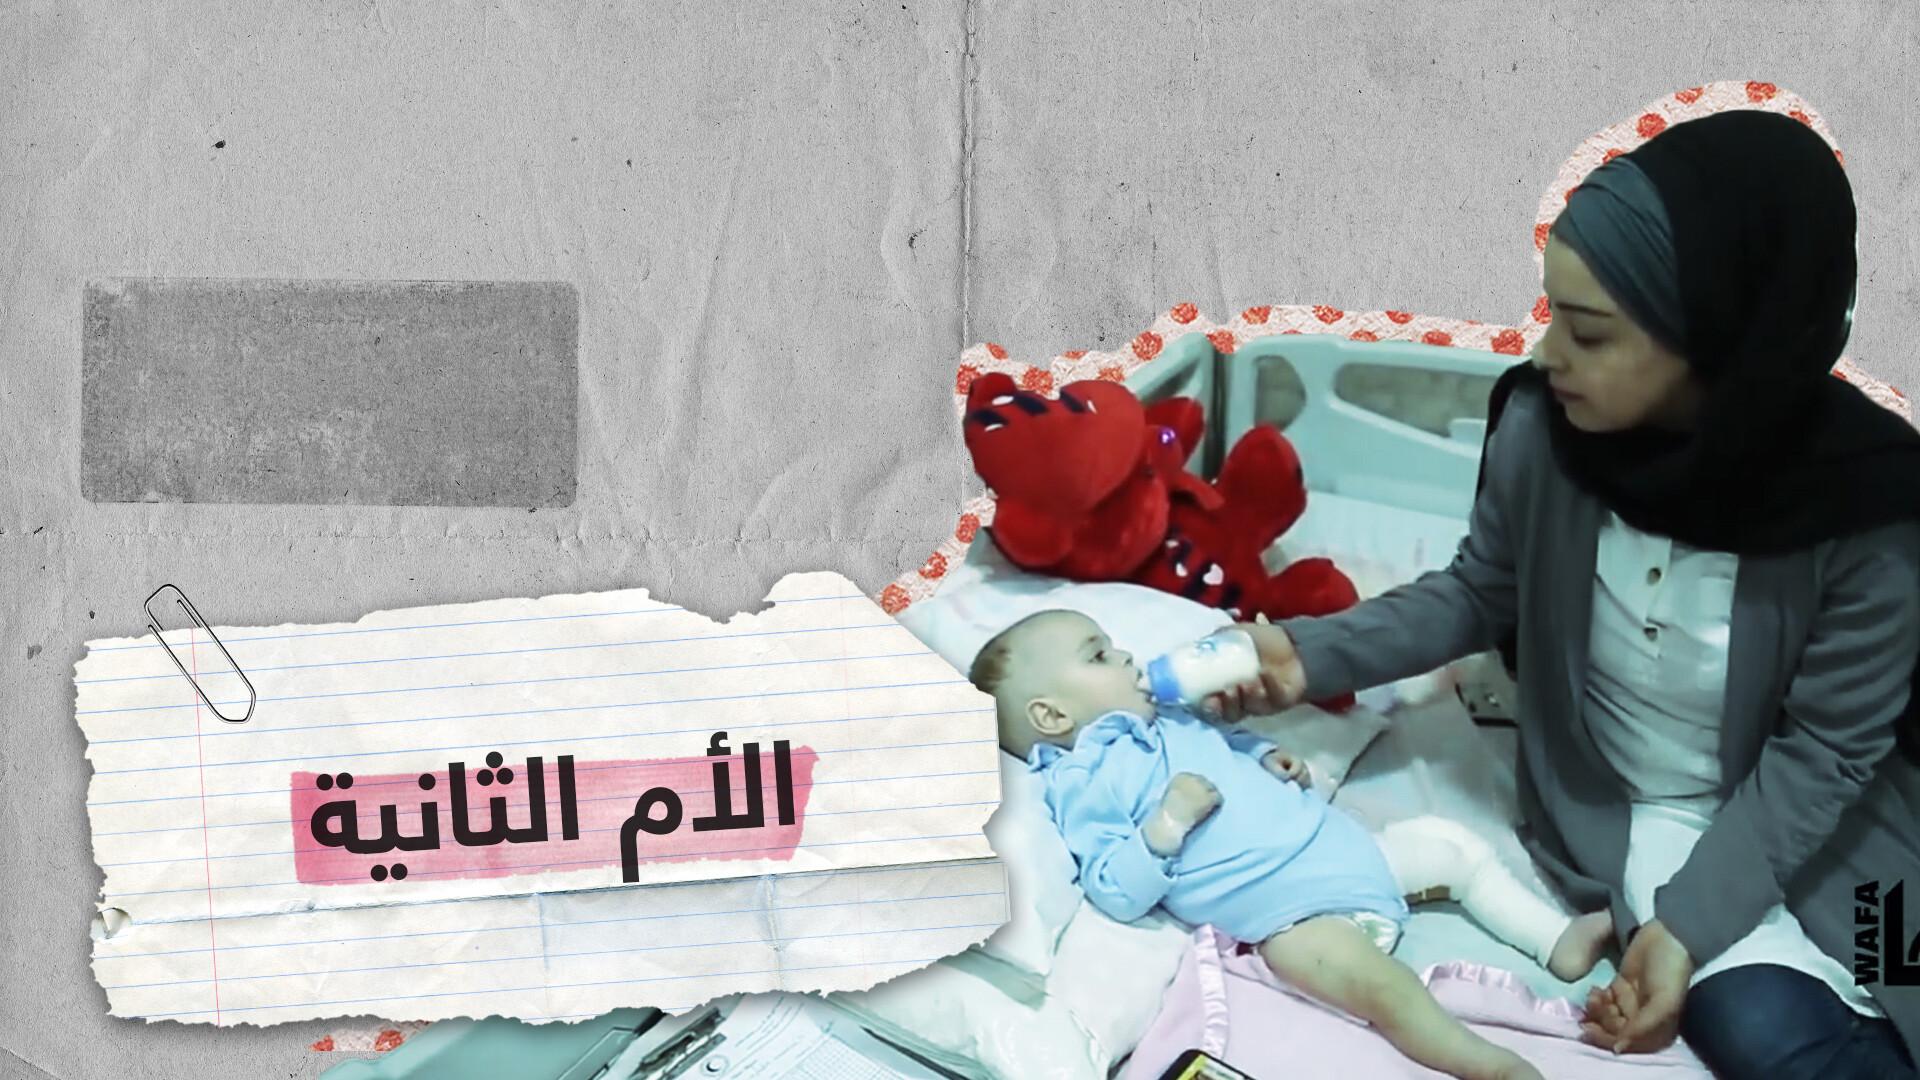 """بعد تعنت إسرائيلي.. رضيع فلسطيني مريض يعثر على """"أمه الثانية"""""""